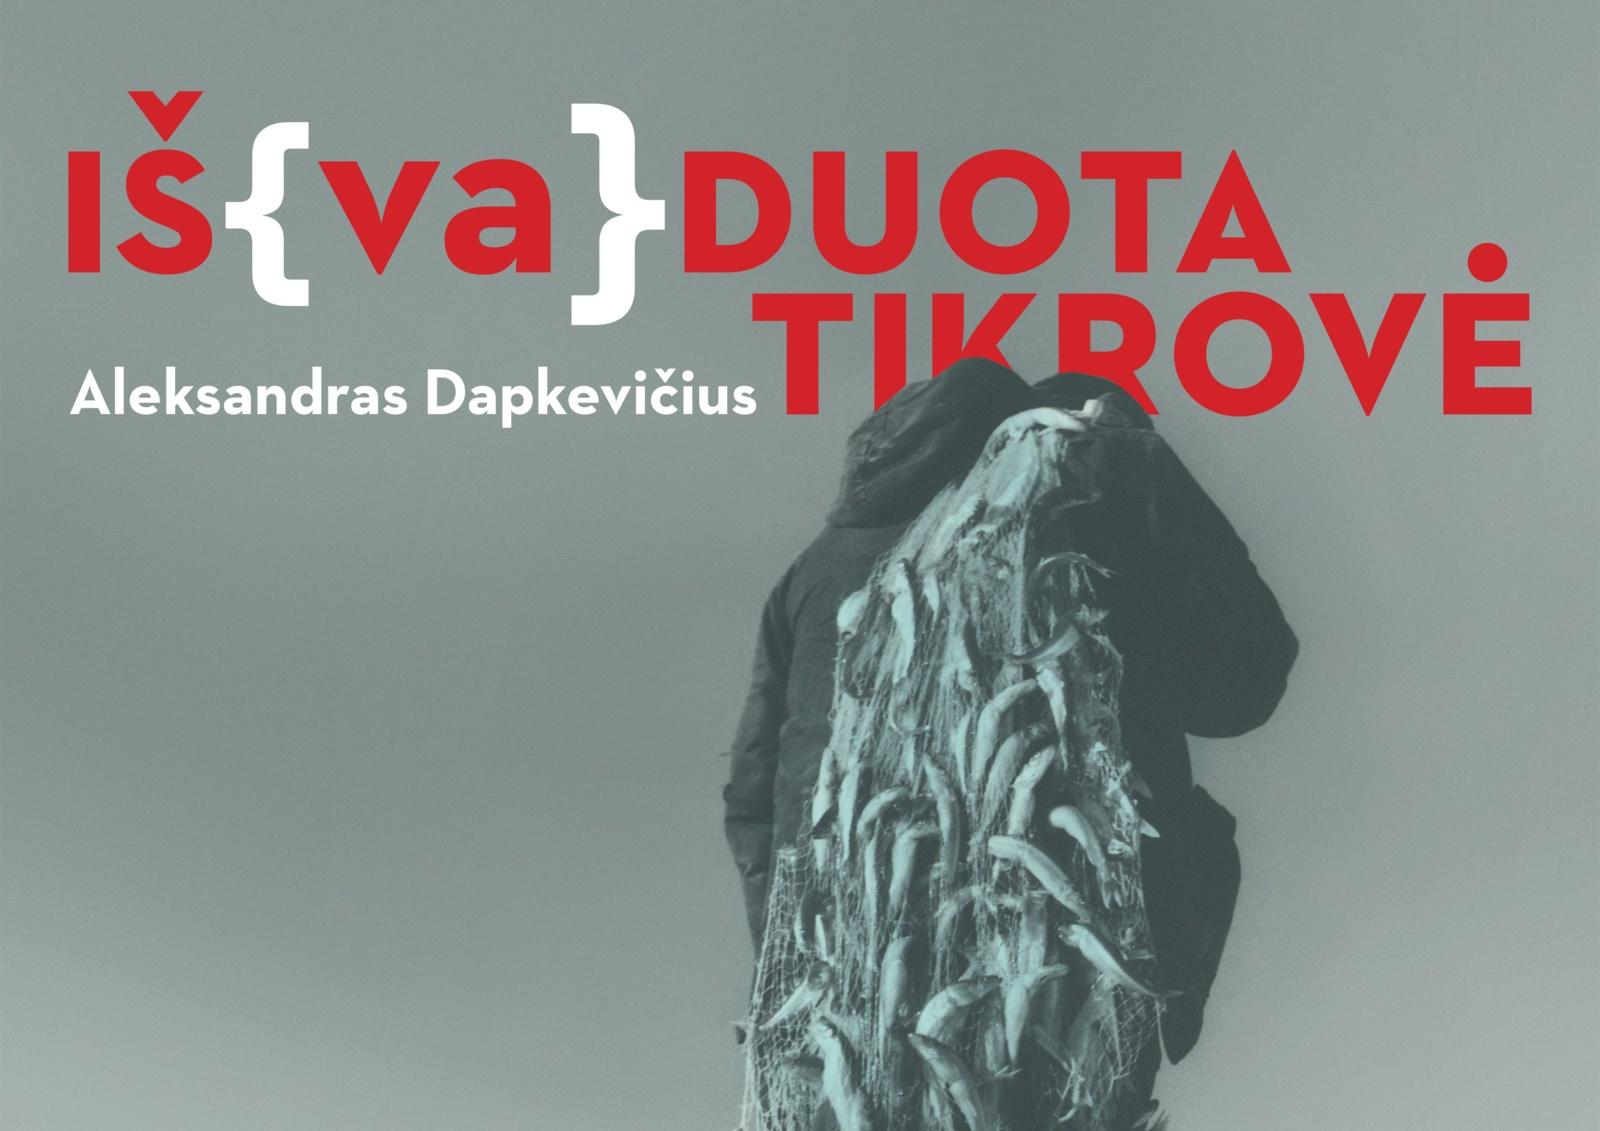 """Aleksandro Dapkevičiaus parodos """"Iš(va)duota tikrovė"""" ir kūrinių albumo pristatymas"""